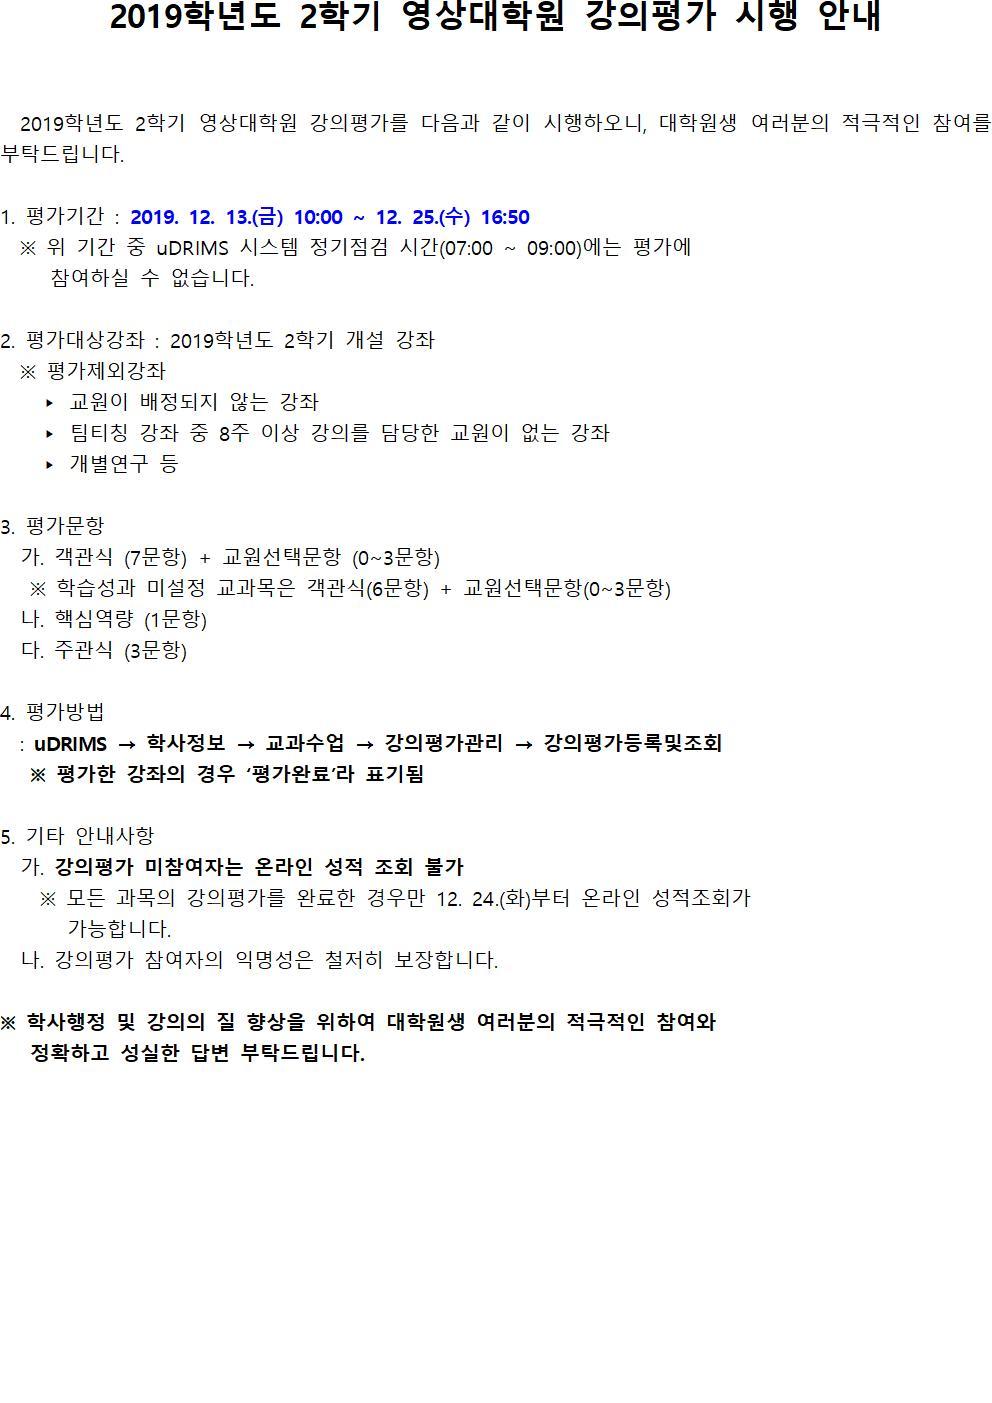 (붙임2) 2019-2학기 강의평가 시행 안내문001